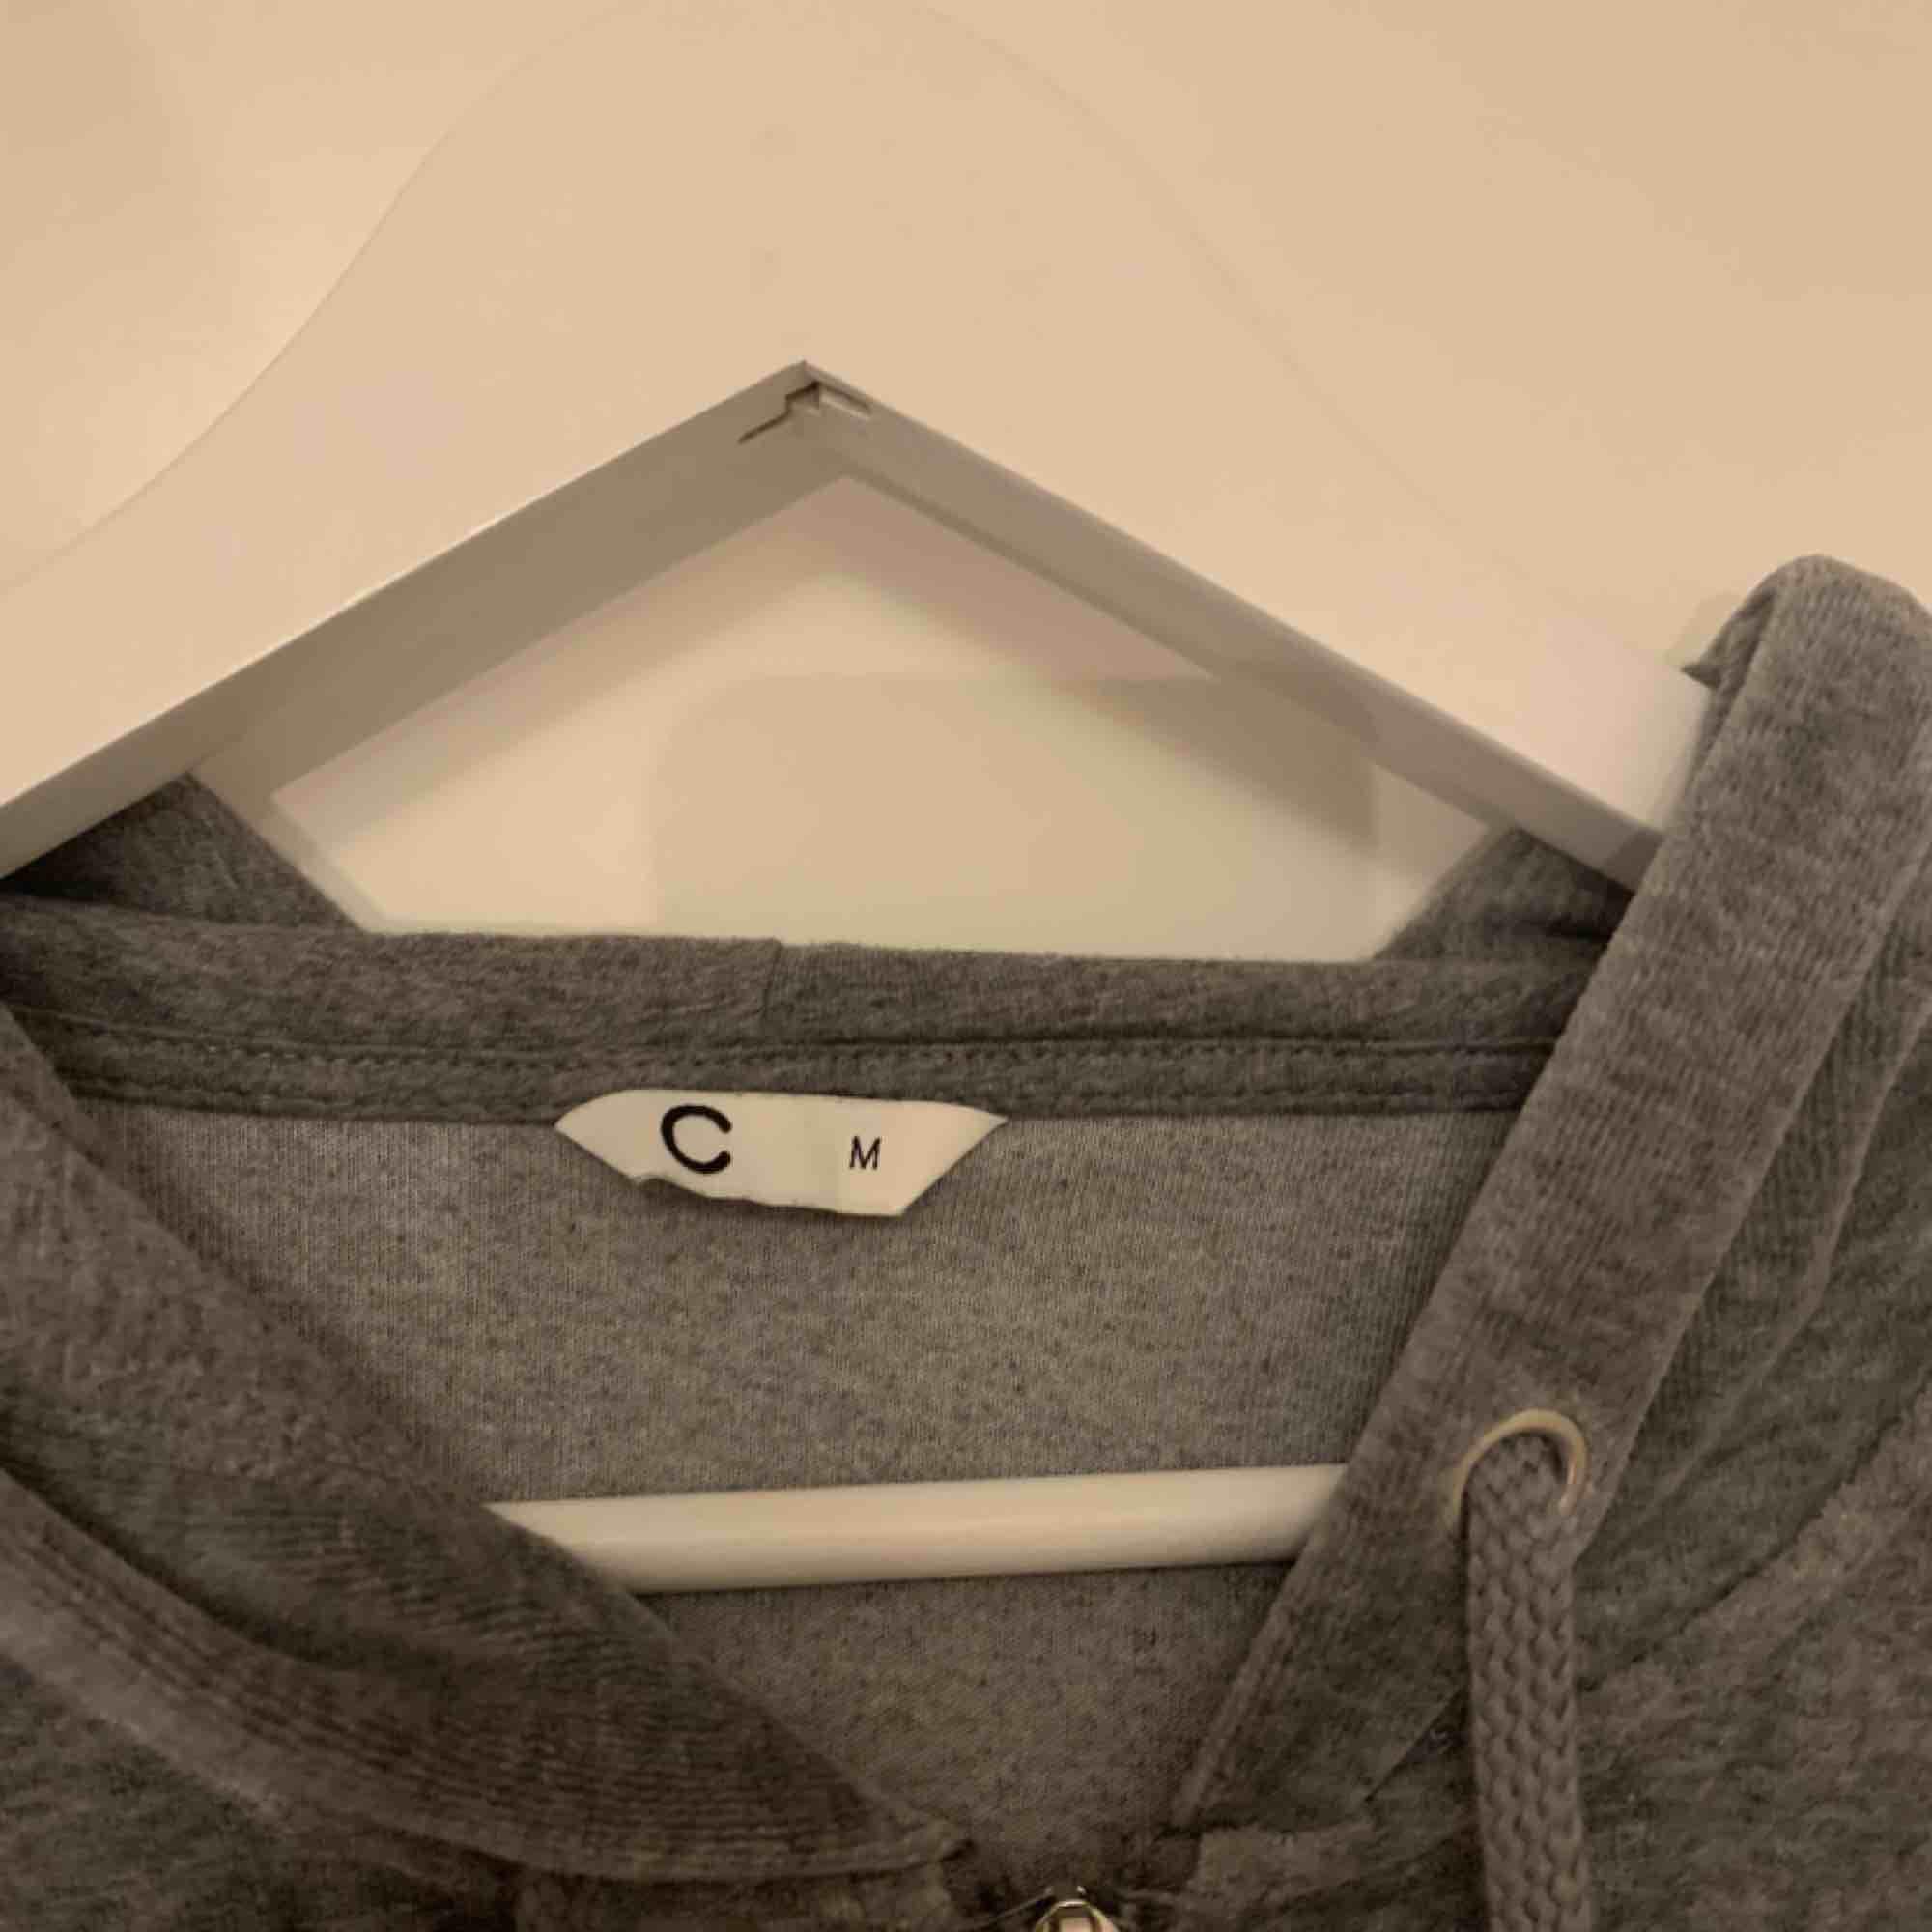 Cubus tjock tröja M  Aldrig använd  150 ink. Tröjor & Koftor.